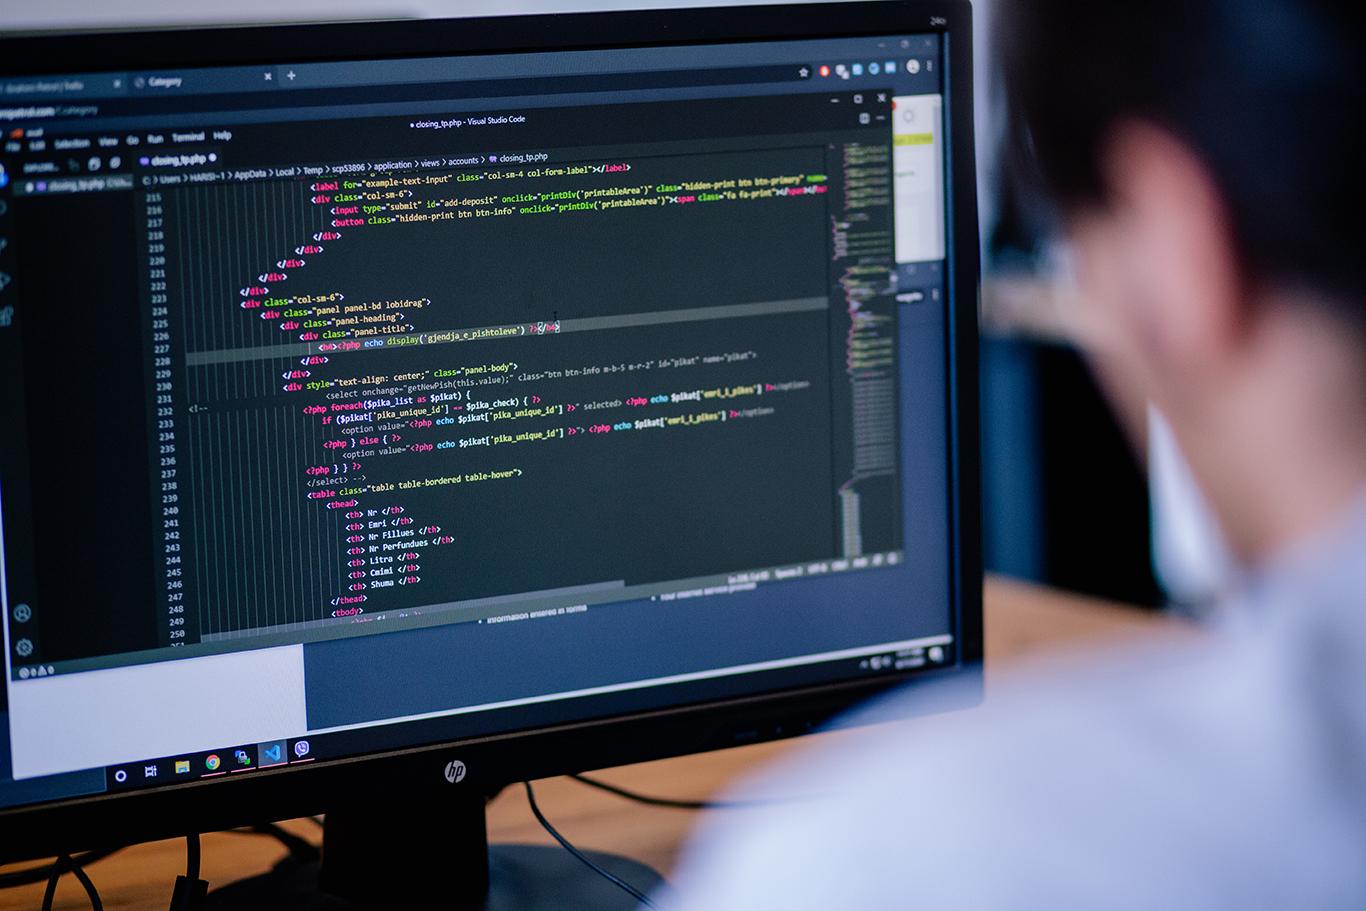 Ftesë për shprehje të interesit për ofrues të trajnimeve në fushën e teknologjisë